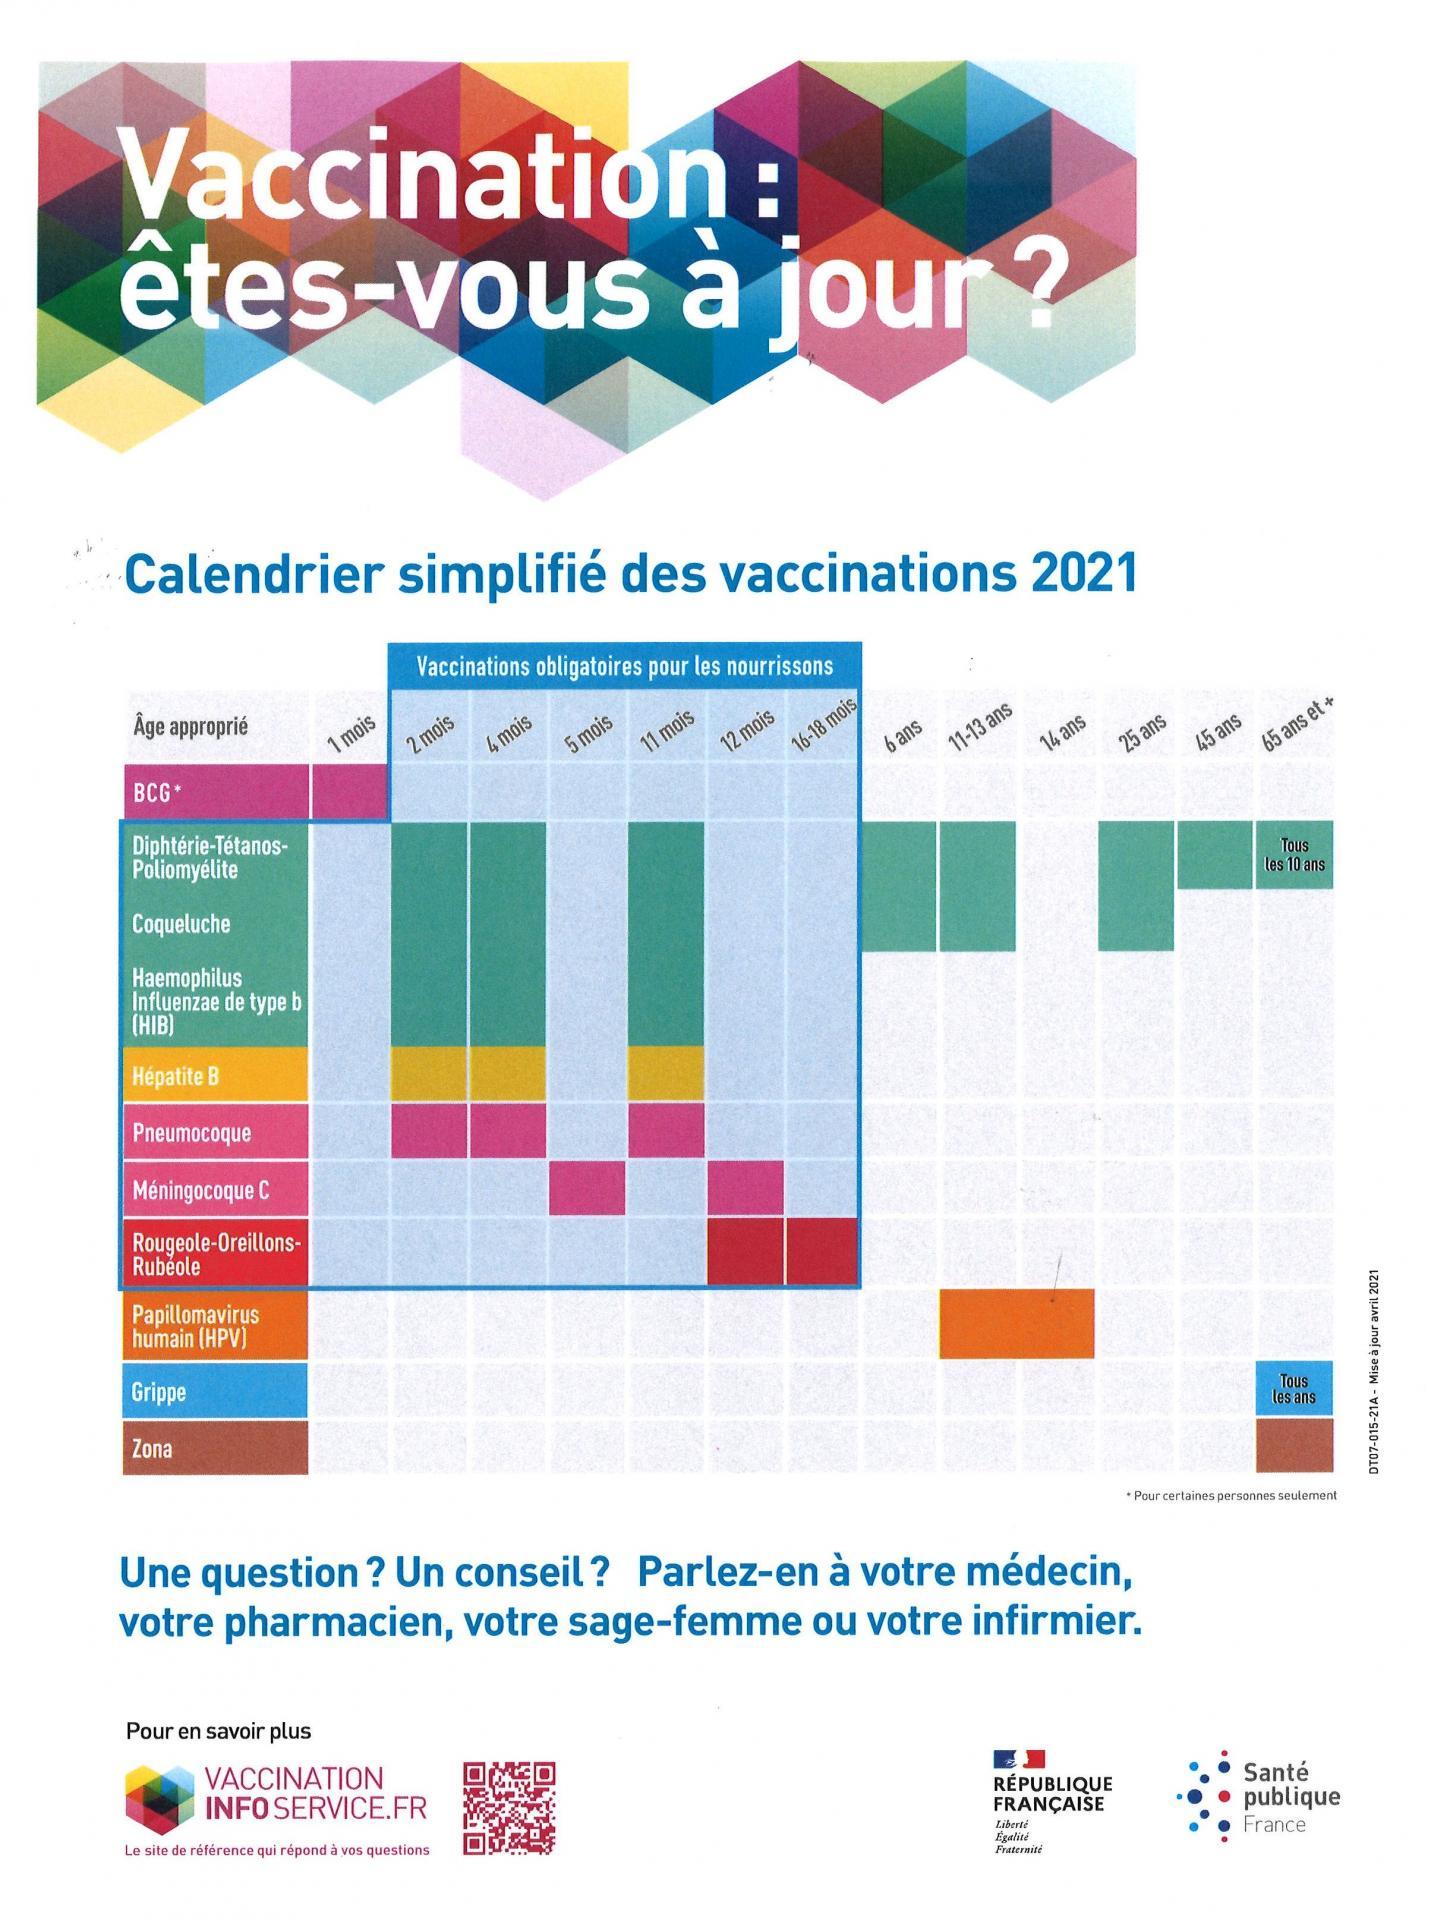 Calendrier simplifié des vaccinations 2021